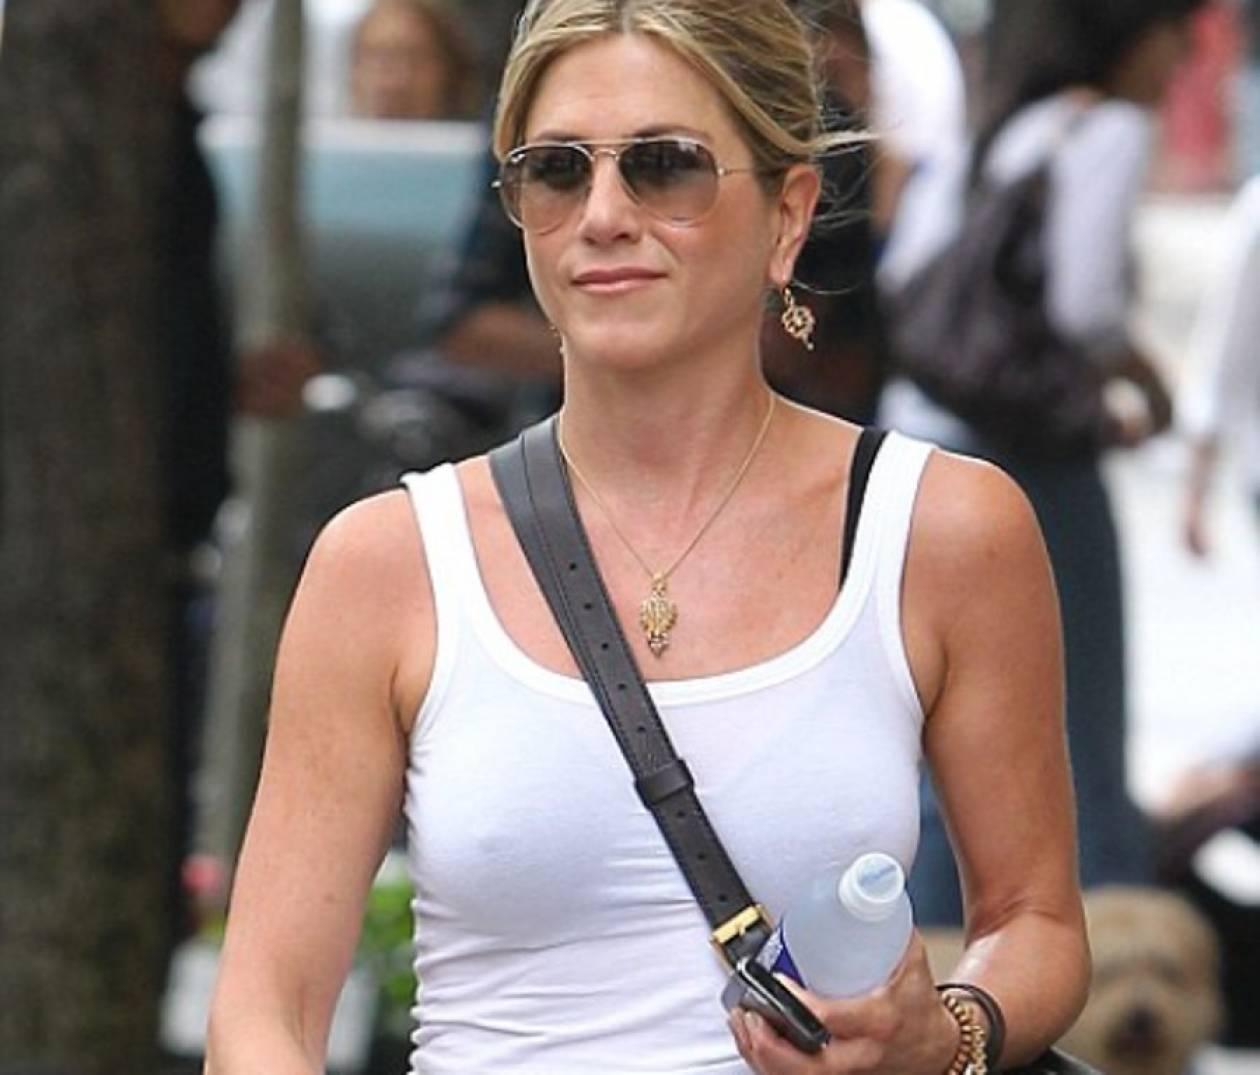 Το σέξι …στήριγμα της Jennifer Aniston